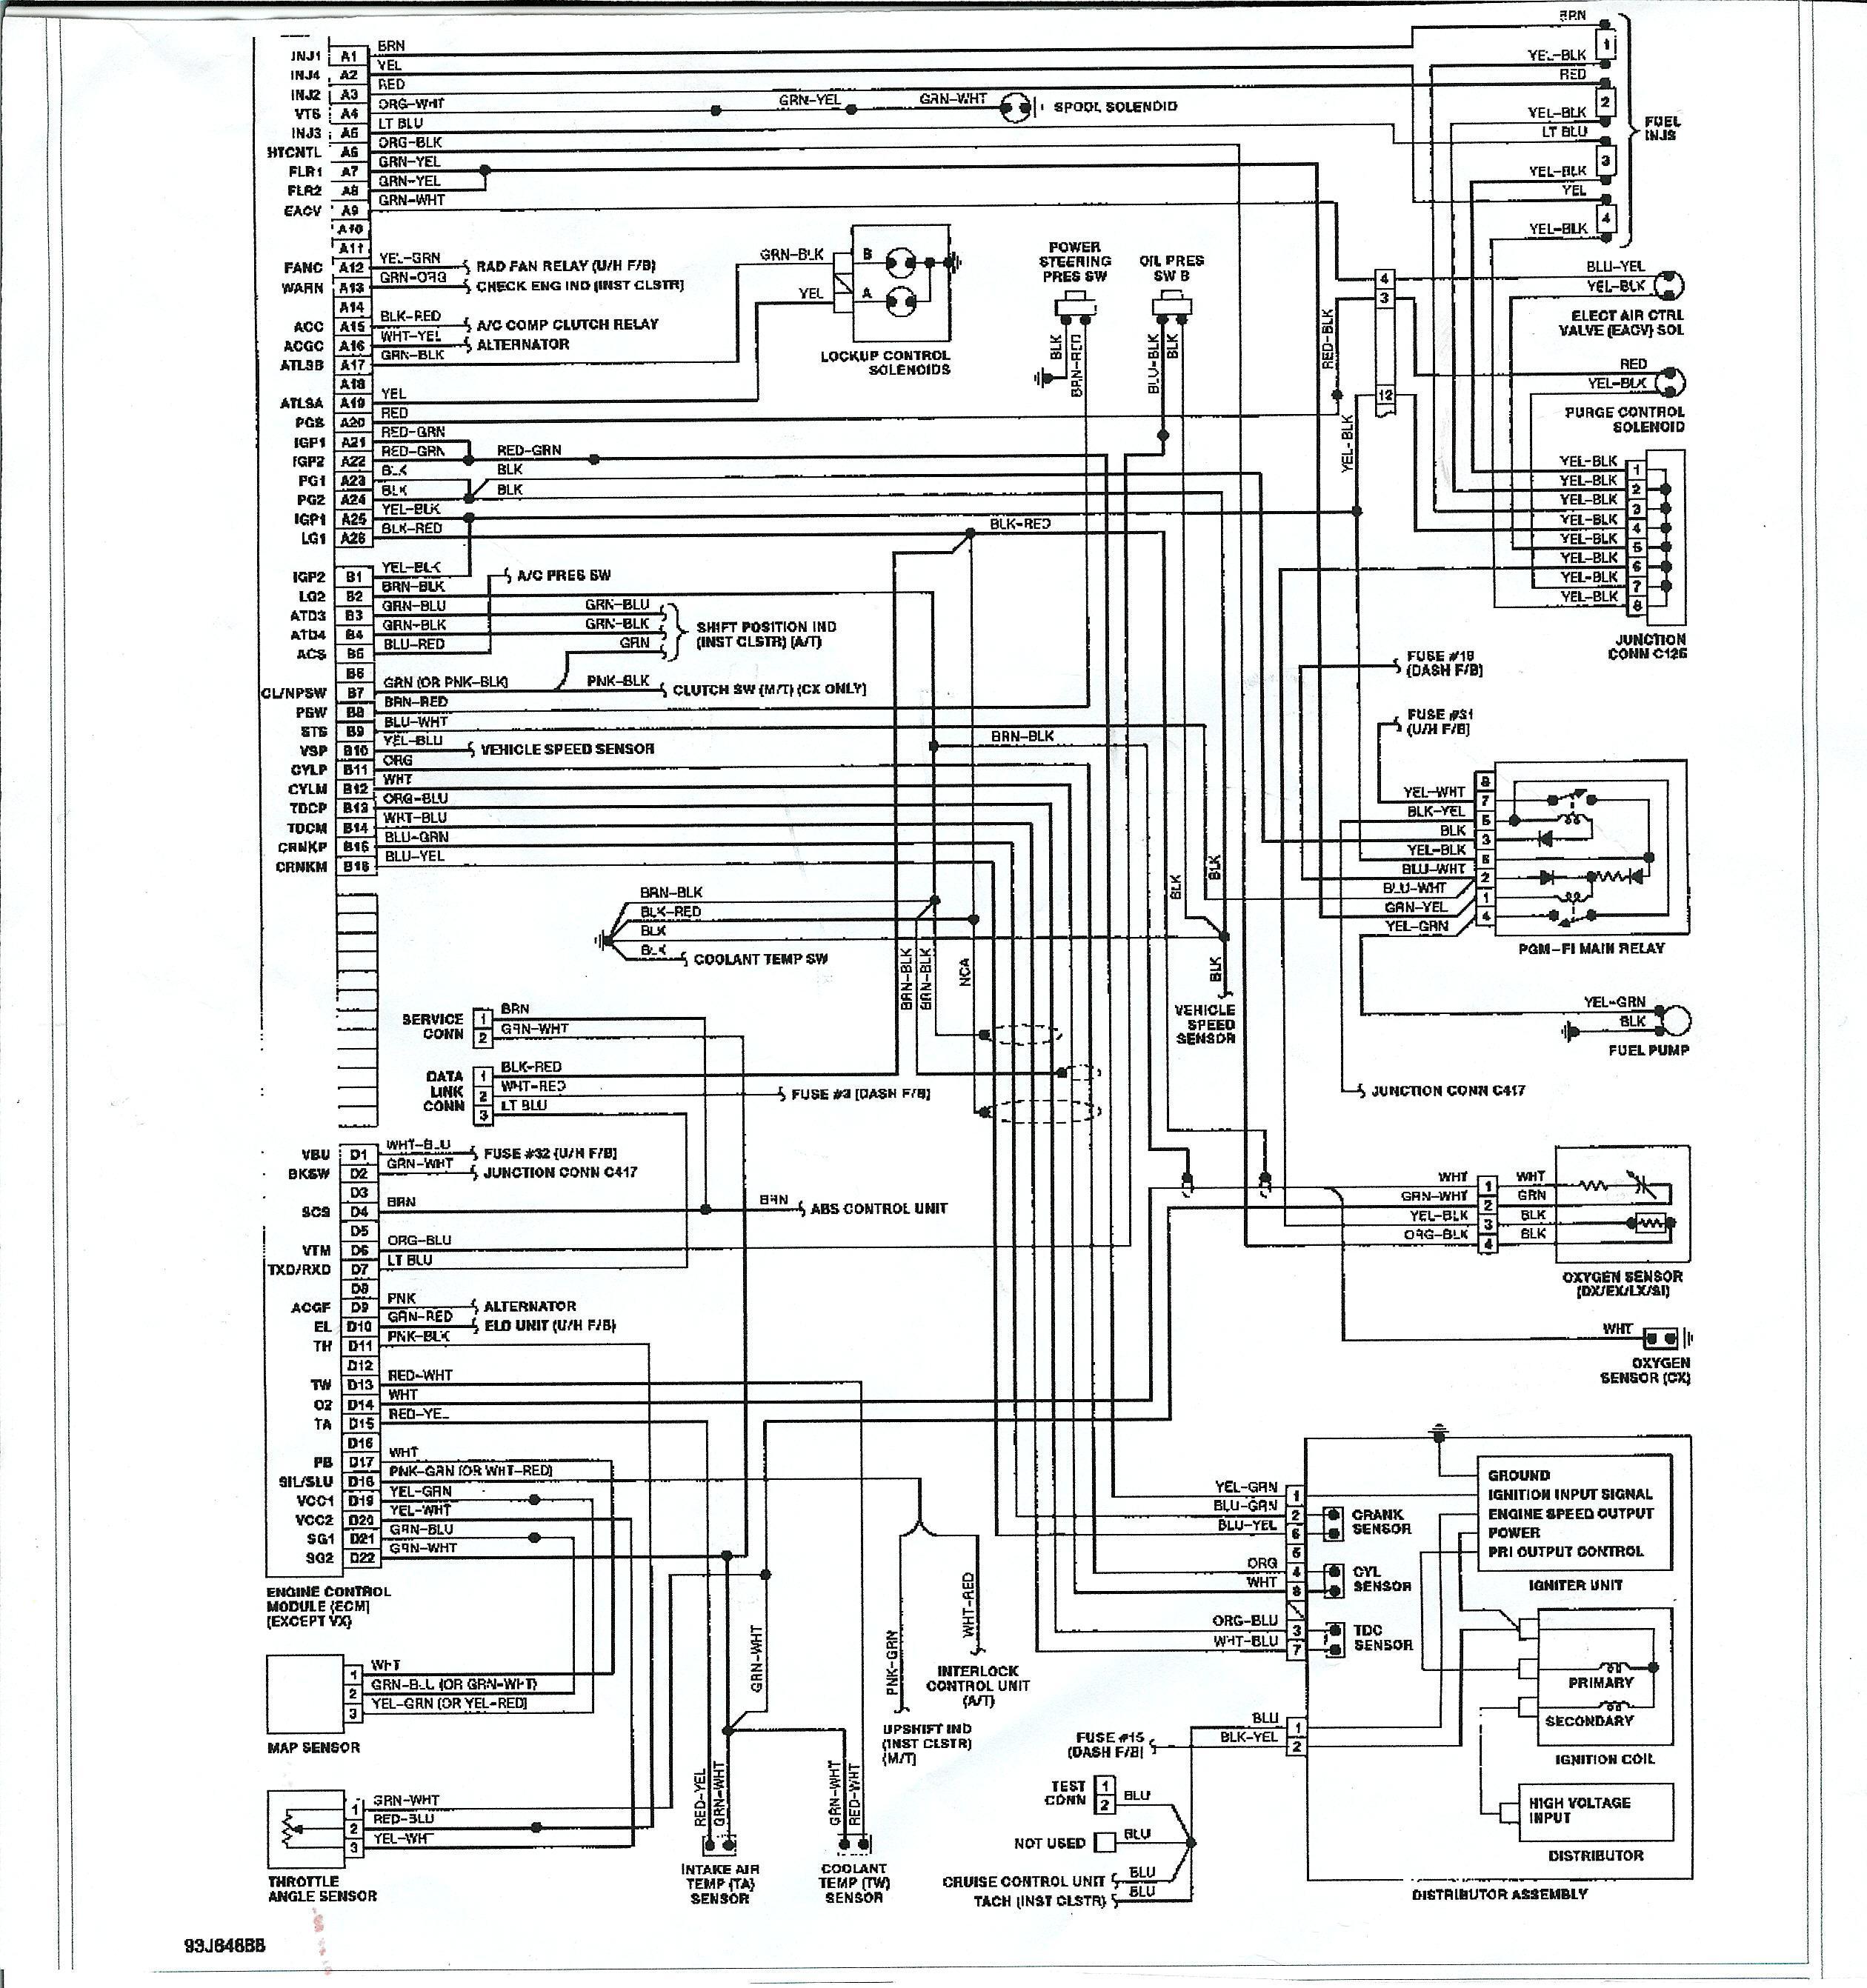 ecu schematic diagram na 9915  civic obd2 ecu wiring diagram on lexus is300 wire sensor  obd2 ecu wiring diagram on lexus is300